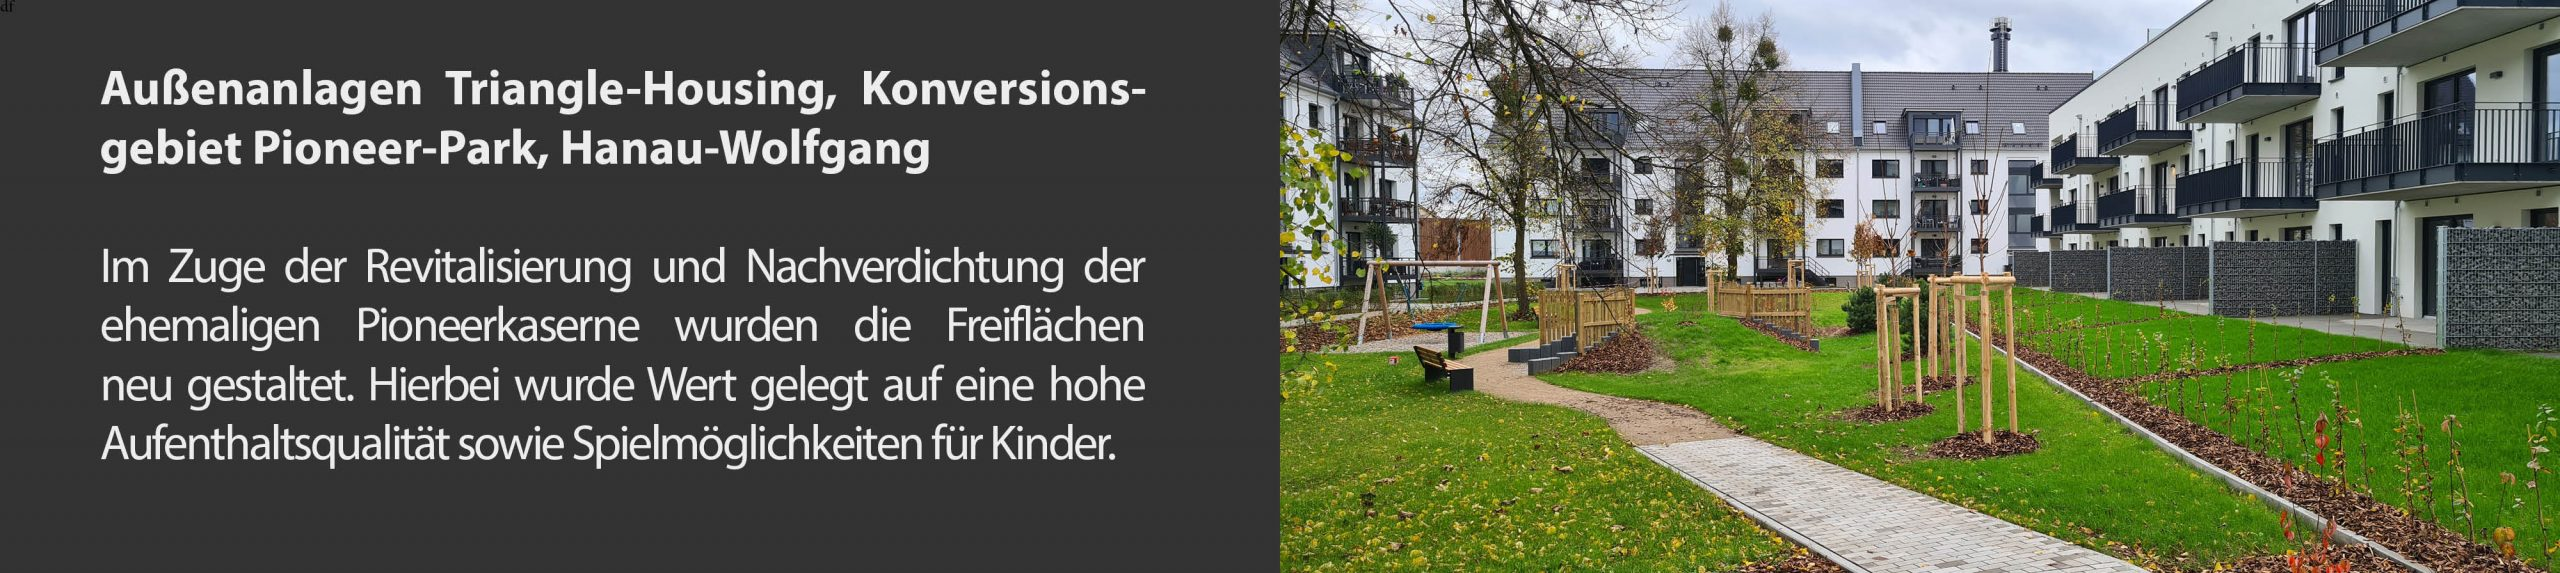 header_aussenanlagen-pioneer